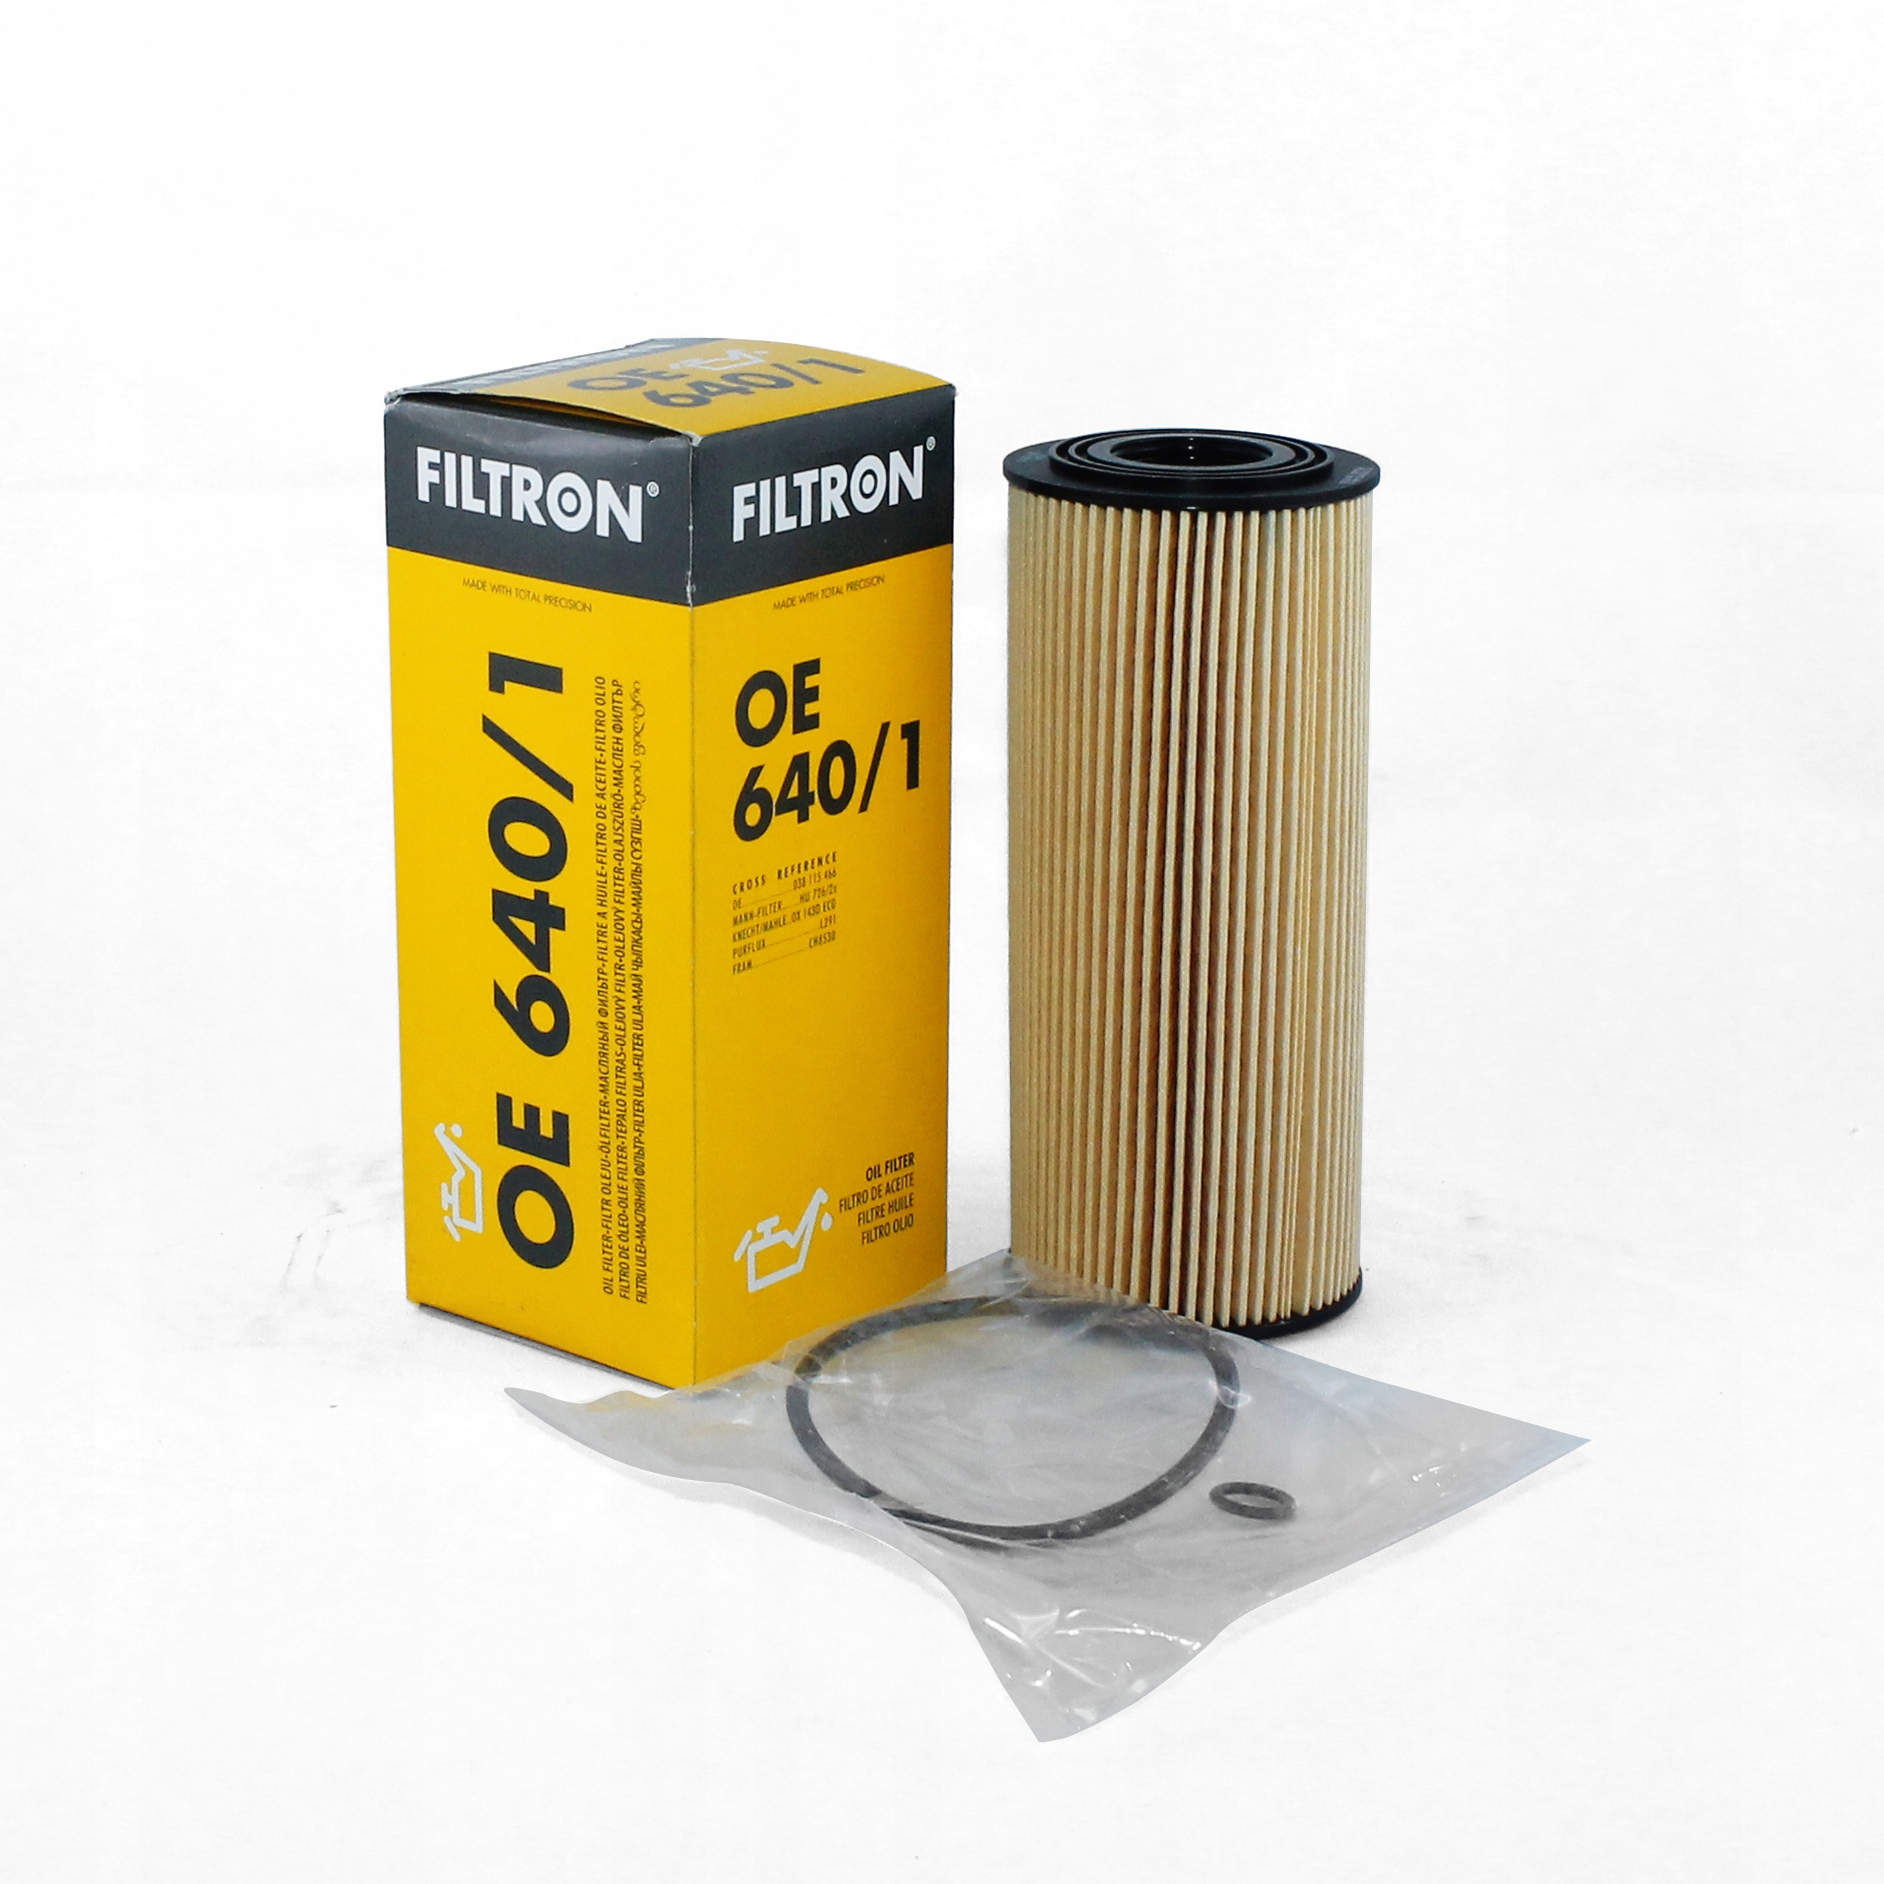 фильтр масла audi seat skoda vw 1 9 tdi oe6401